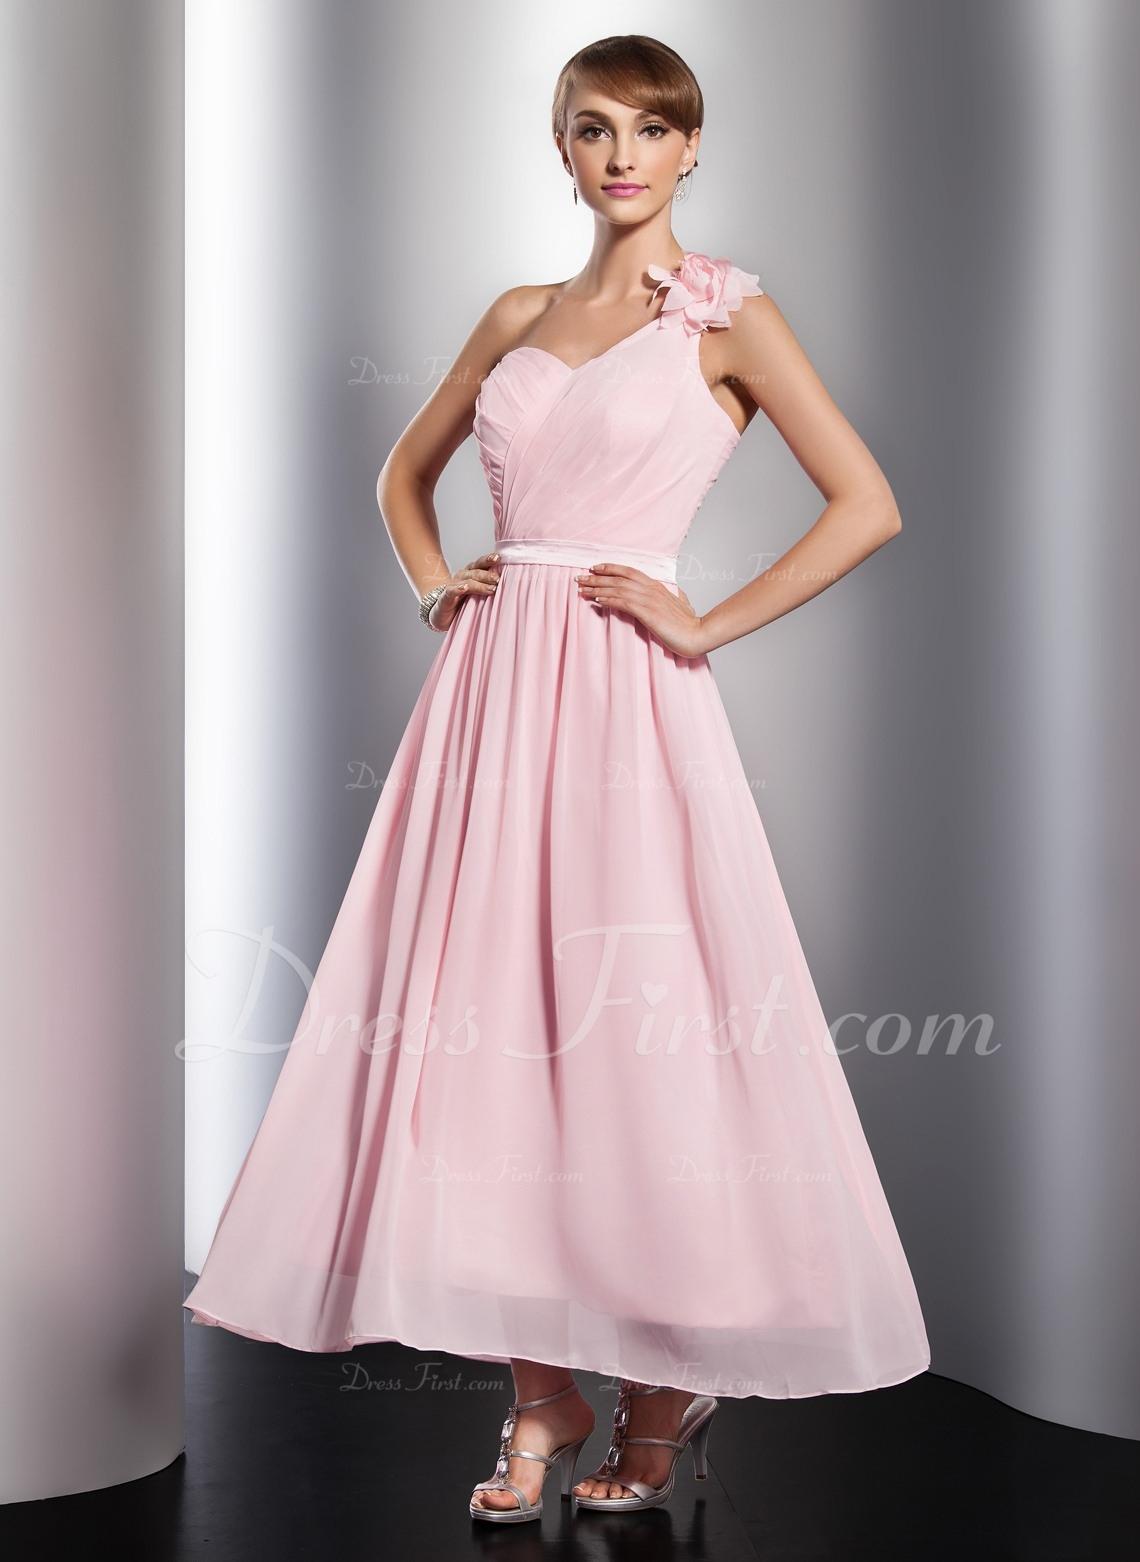 Fantastisch Abendkleider Knöchellang Stylish - Abendkleid